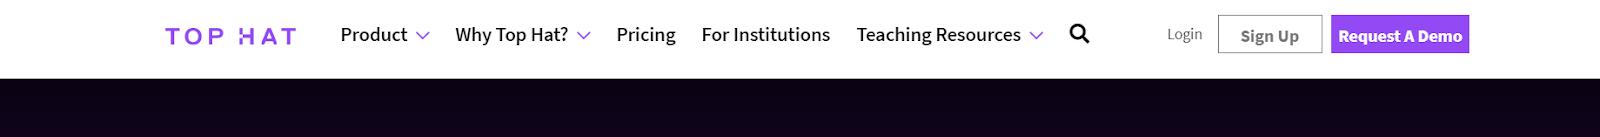 Screenshot of TopHat - Cohort Based Course Platform